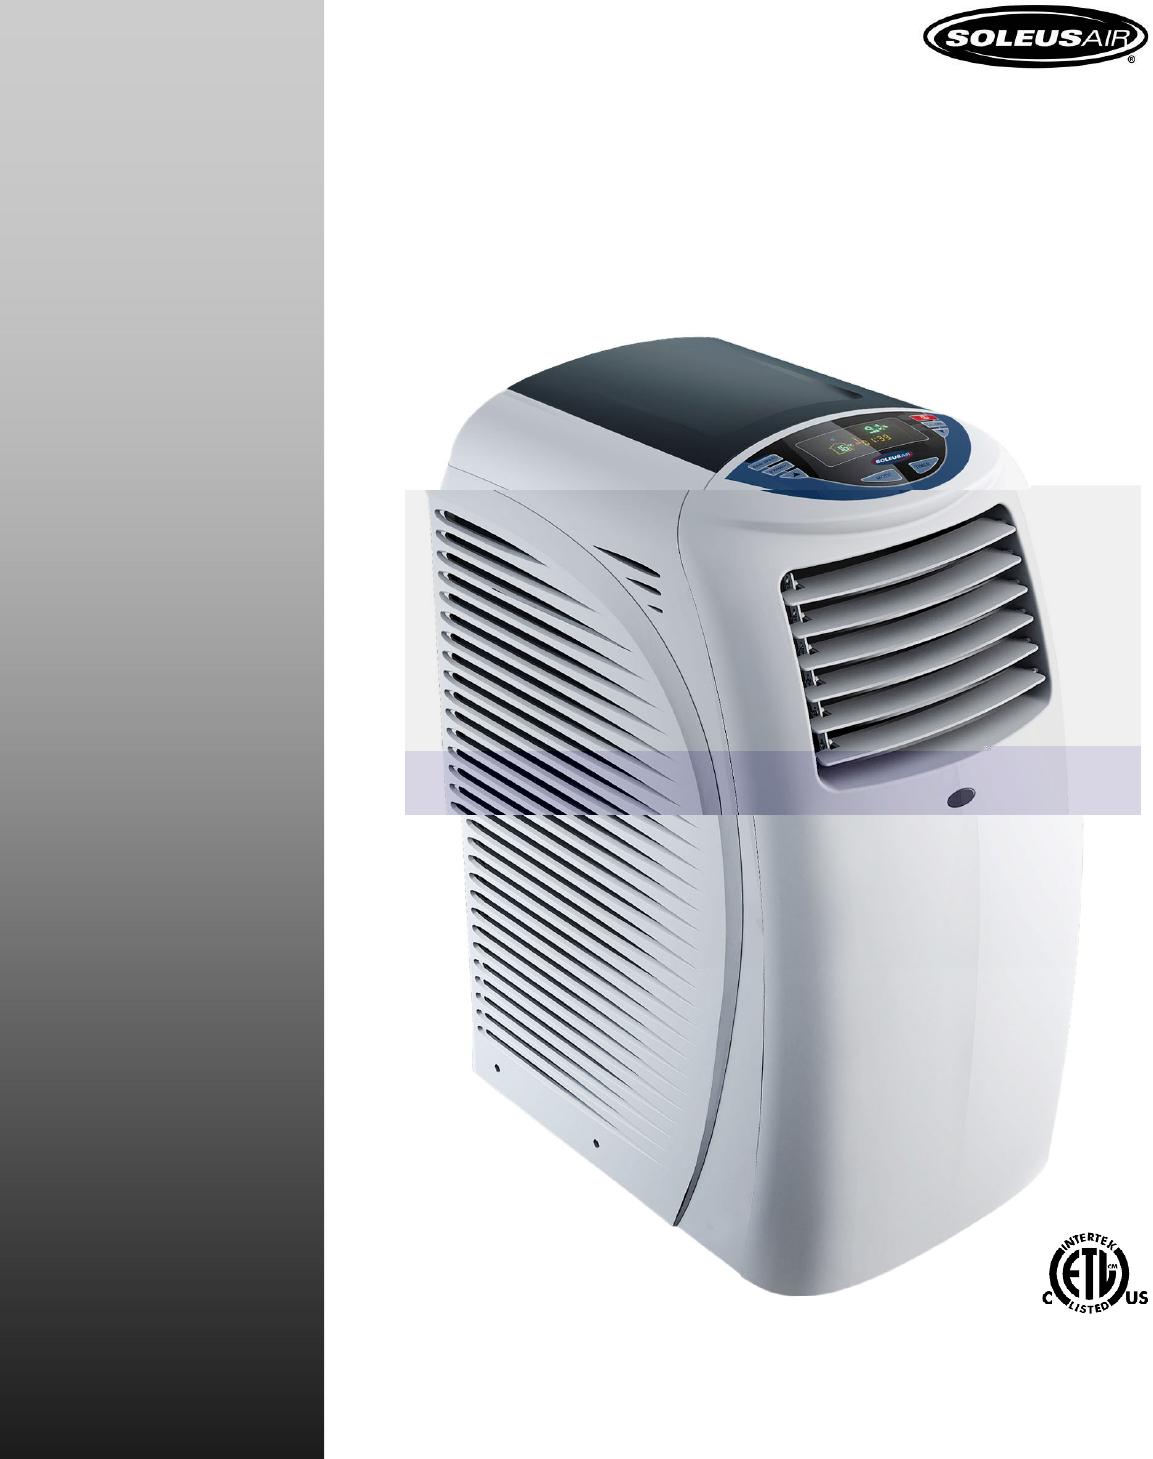 soleus air dehumidifier ph3 10r 03 user guide manualsonline com rh kitchen manualsonline com soleus air dehumidifier manual hmt-d70e-a soleus air dehumidifier manual hmt-d70e-a